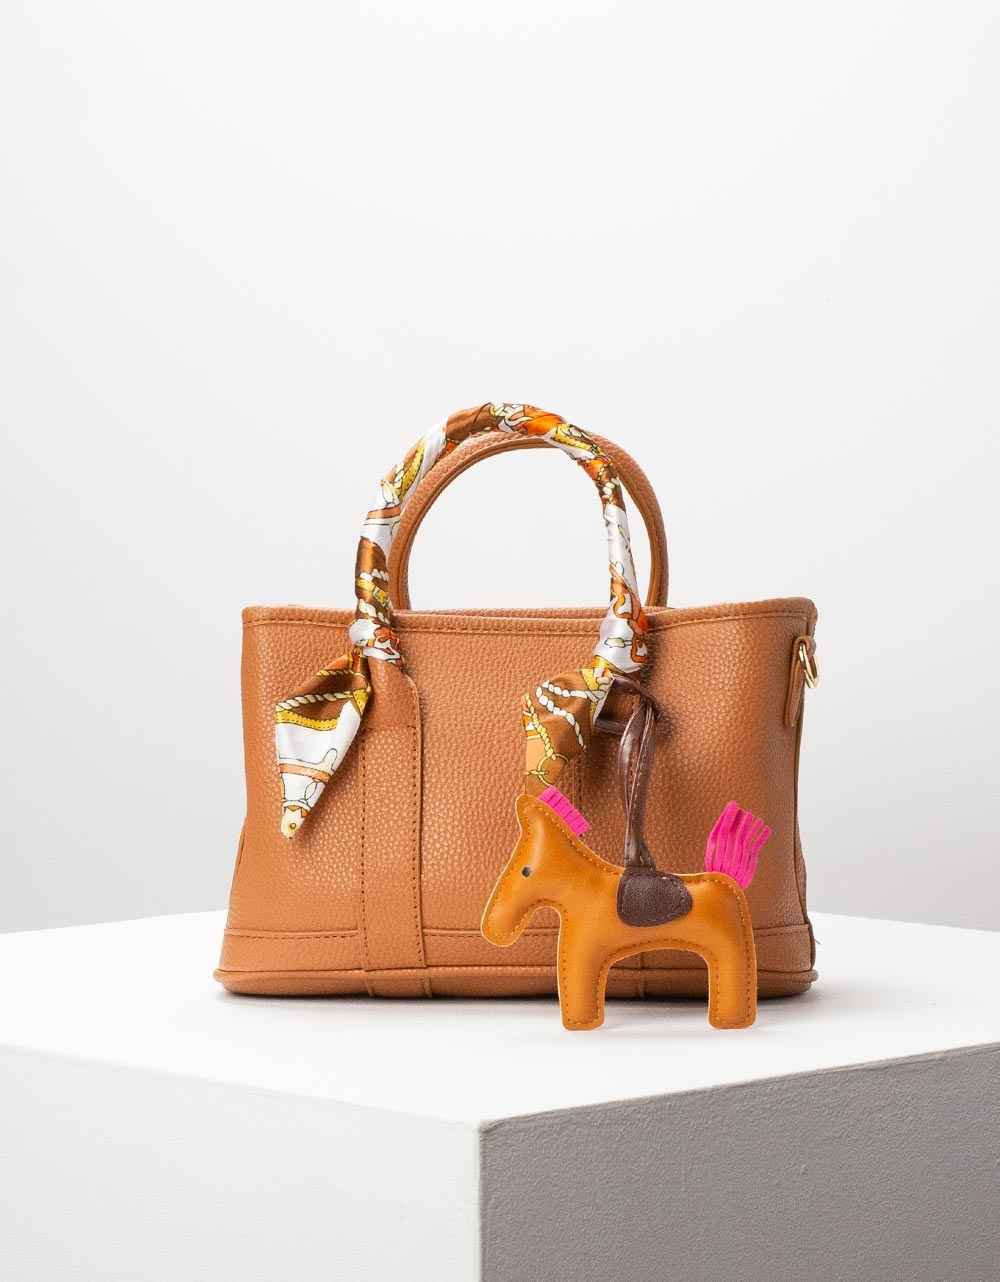 Εικόνα από Γυναικεία τσάντα χειρός με διακοσμητικό αξεσουάρ Ταμπά